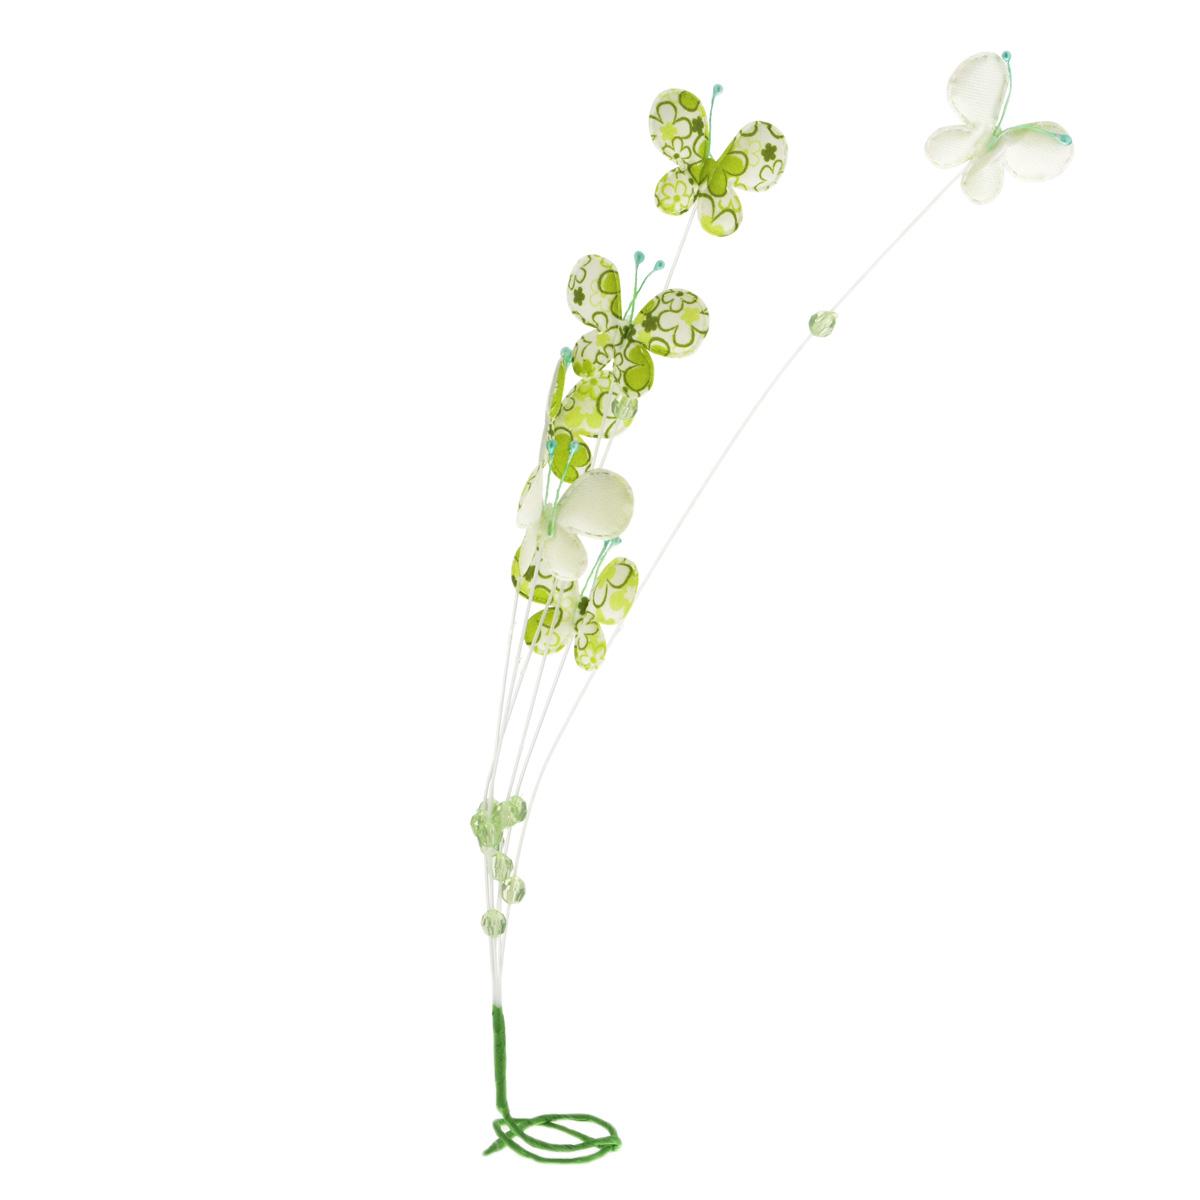 Декоративное украшение Home Queen Веточка с цветами, цвет в ассортименте, высота 55 см. 56379_356379_3Декоративное украшение Home Queen Веточка с цветами, изготовленное из пластика и полиэстера, поможет вам украсить дом, а также оформить подарки для ваших близких. Изделие представляет собой ветку с бусинами и листьями в виде бабочек, декорированных цветочным принтом. В основании ветки вставлена металлическая проволока, благодаря чему оно легко гнется. С помощью такого украшения вы сможете оживить интерьер по своему вкусу. Высота ветки: 55 см. Средний размер декоративных элементов (бабочек): 4,5 см х 3,5 см. Уважаемые клиенты! Обращаем ваше внимание на возможные изменения в цвете украшения, связанные с ассортиментом продукции. Поставка осуществляется в зависимости от наличия на складе.